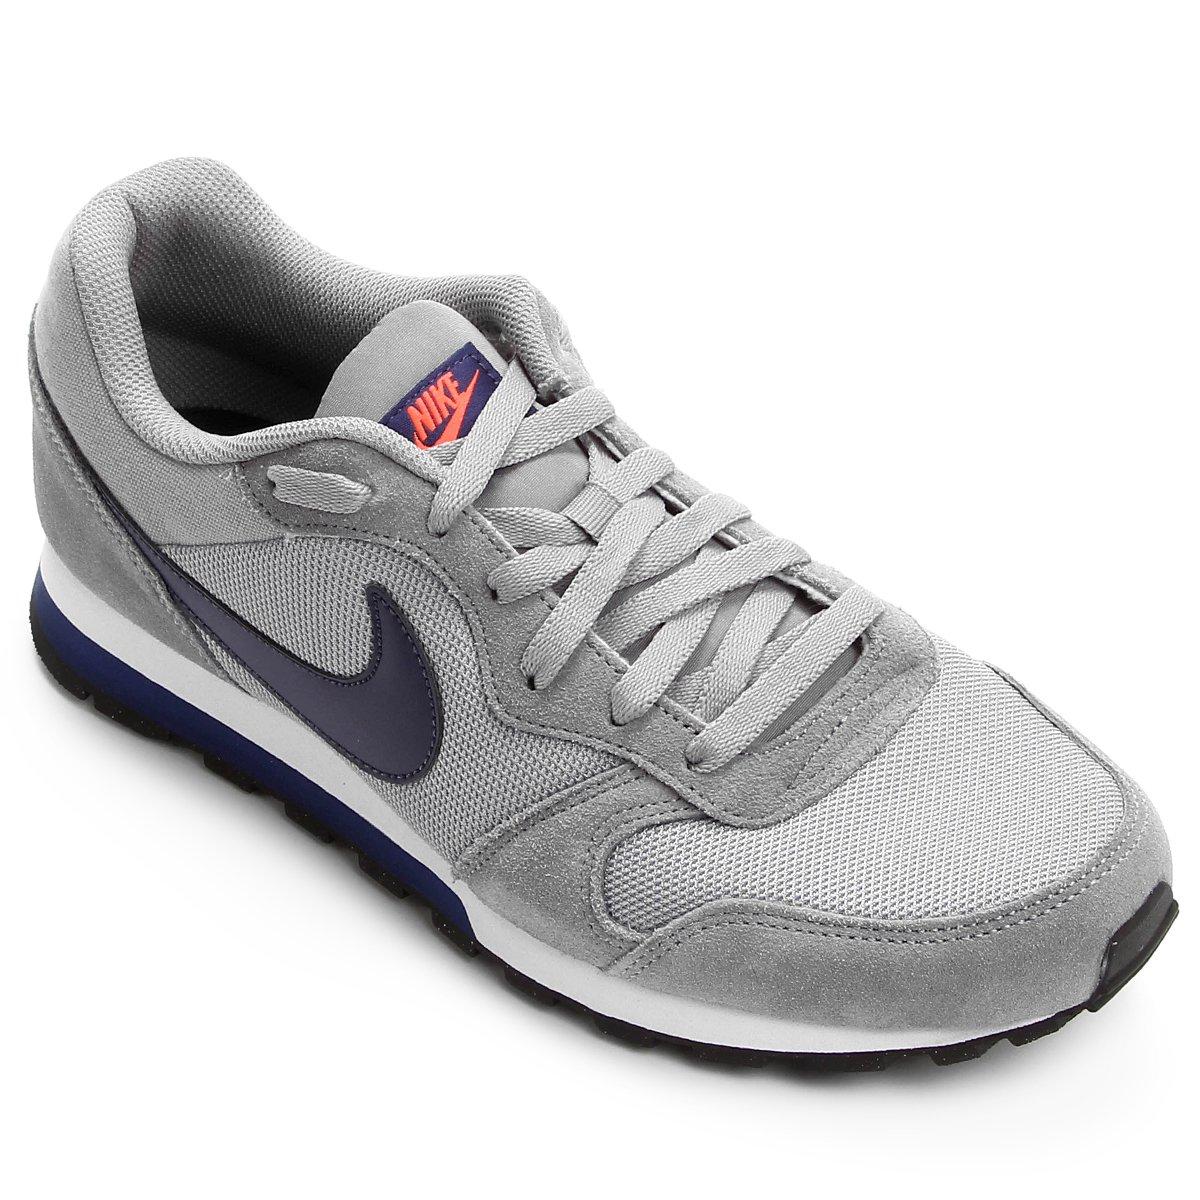 Tênis Nike Md Runner 2 Masculino - Cinza e Marinho - Compre Agora ... d91efa1c68362